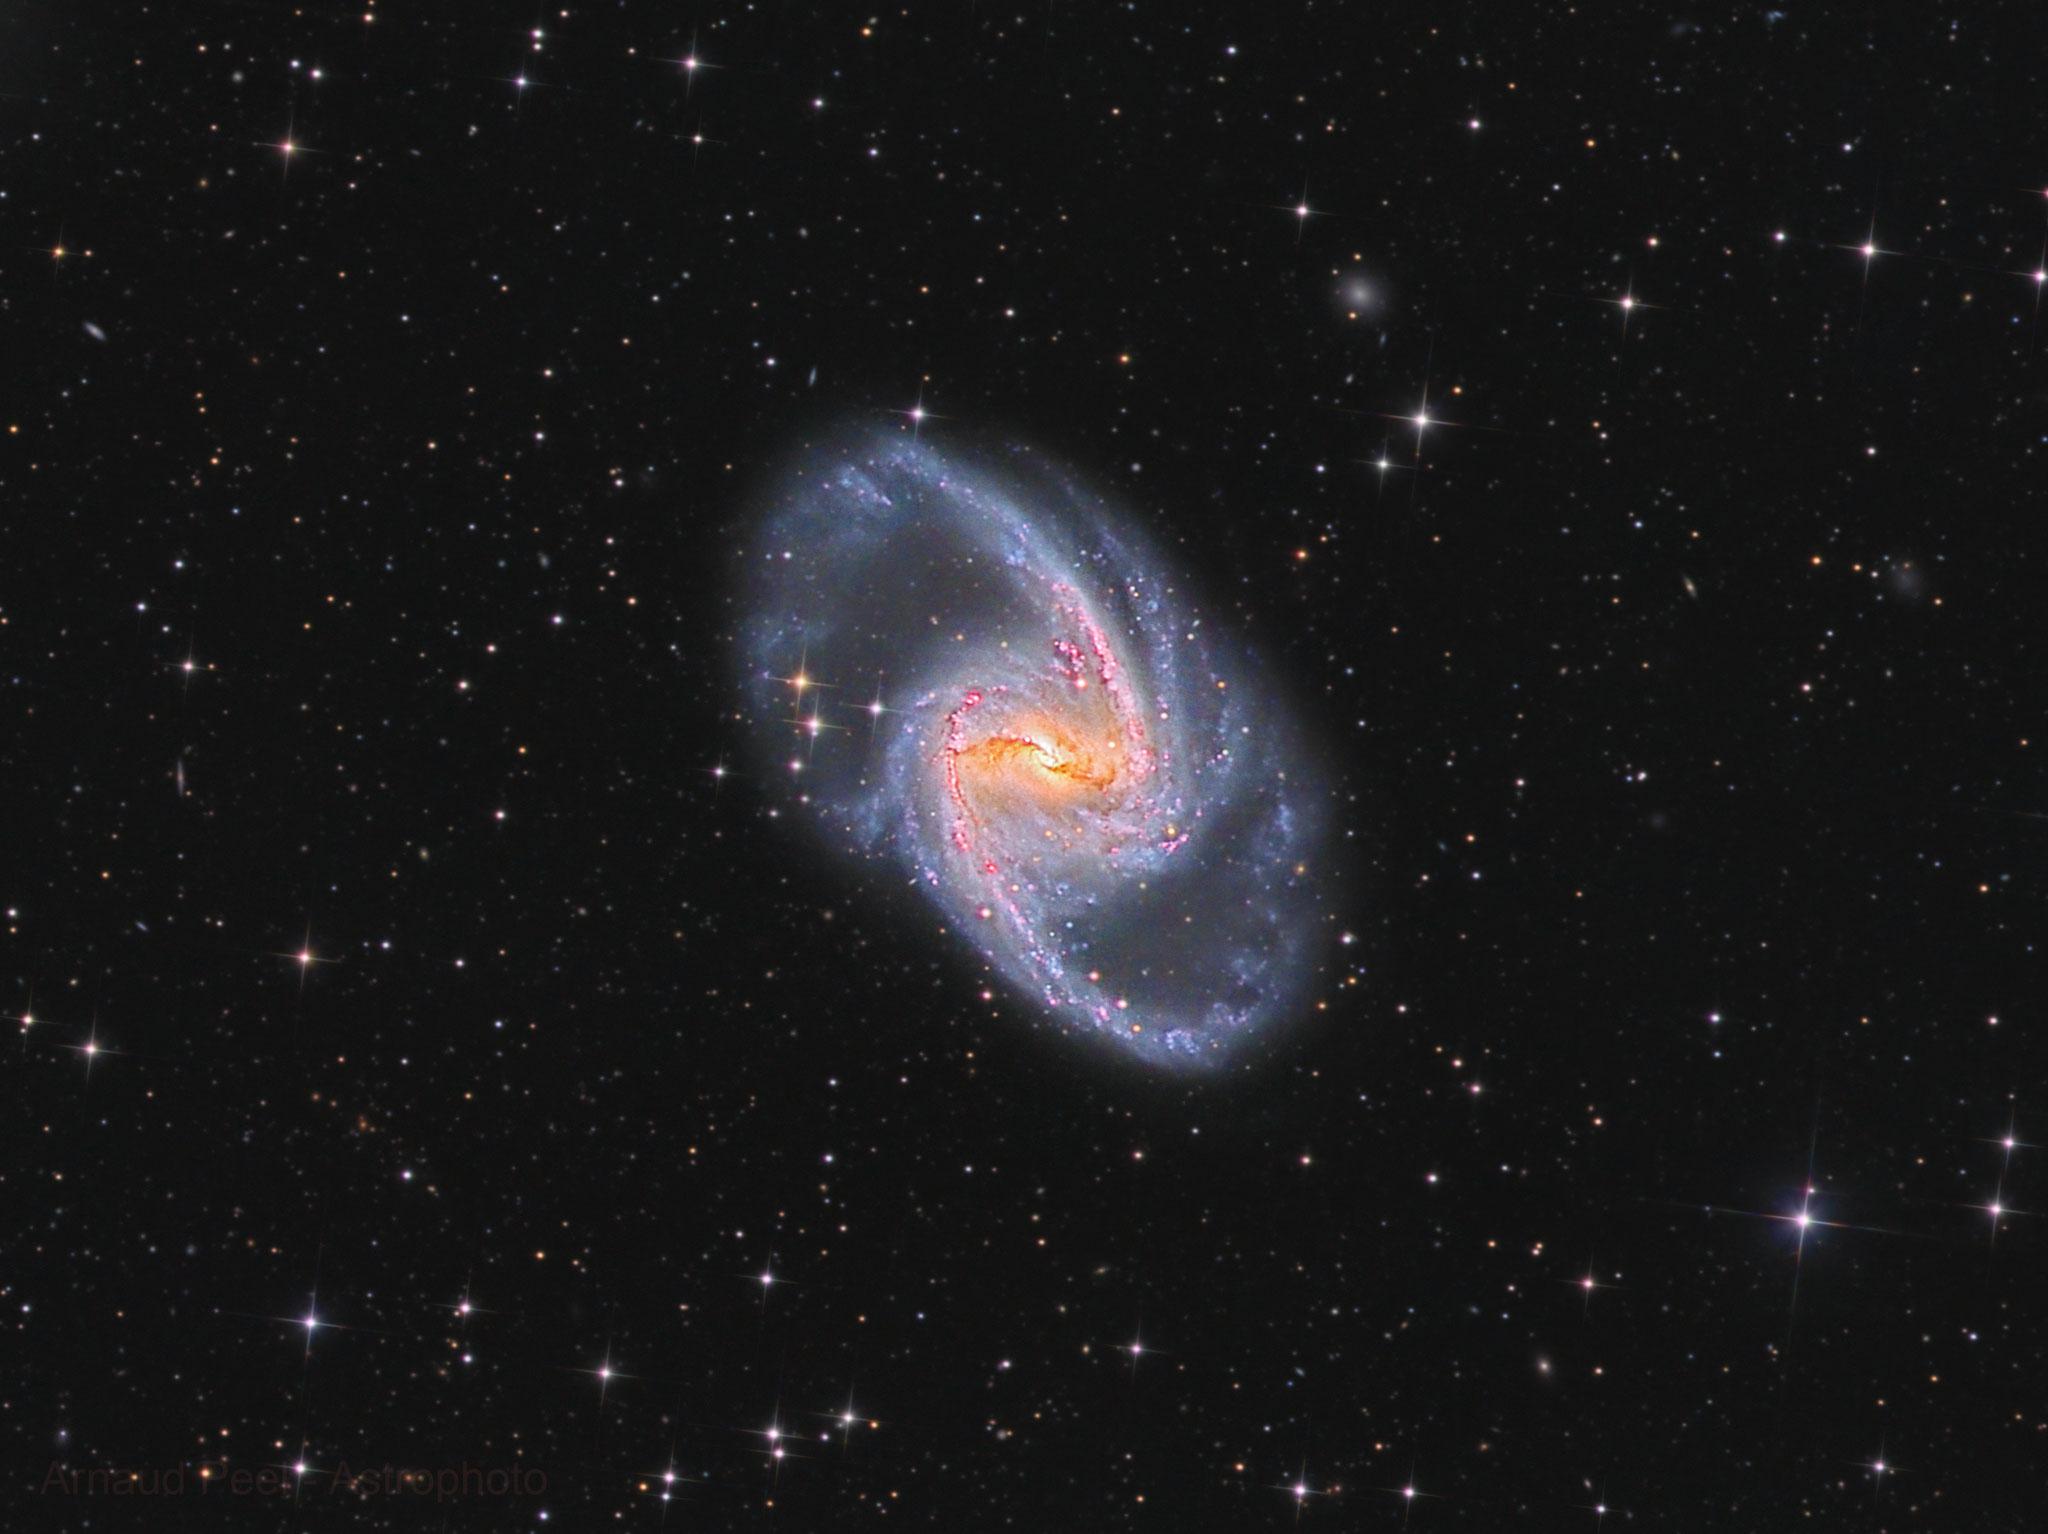 NGC1365, L(208x300) RVB(26, 40, 31 x 300), T355, Sadr Chili, Arnaud